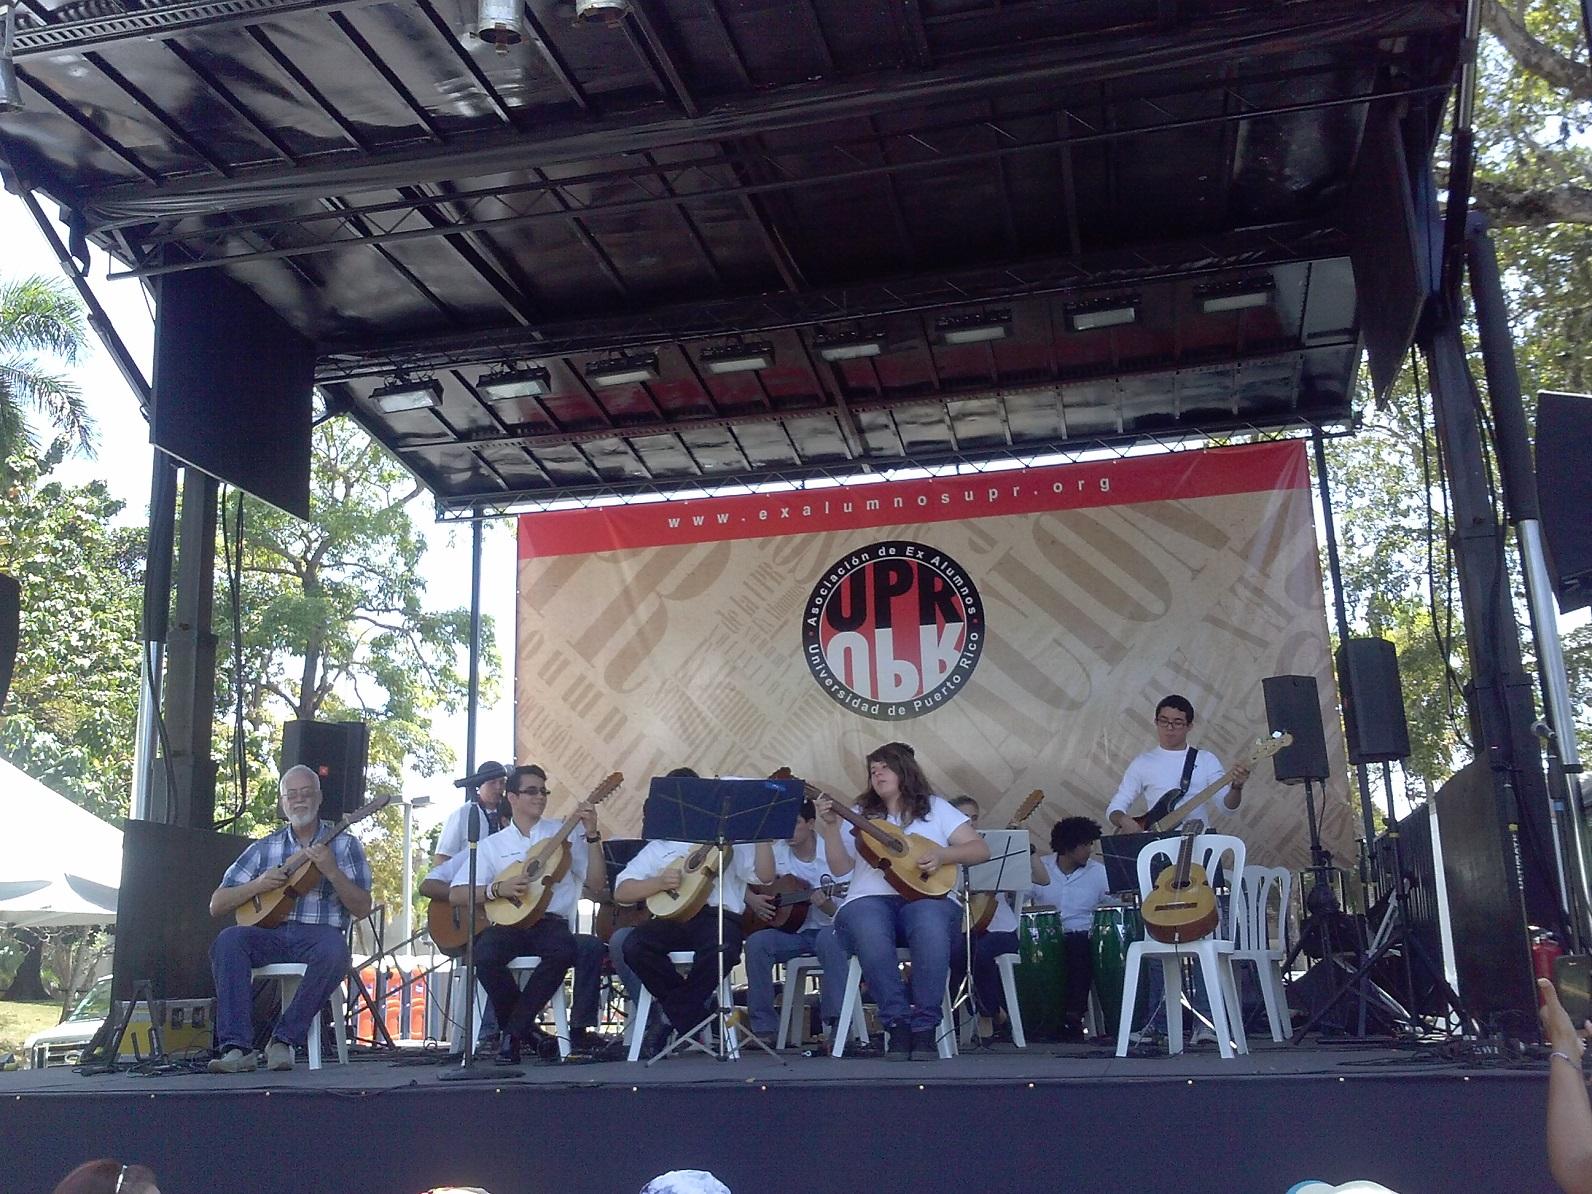 Exaltan a la UPR como productora de cultura